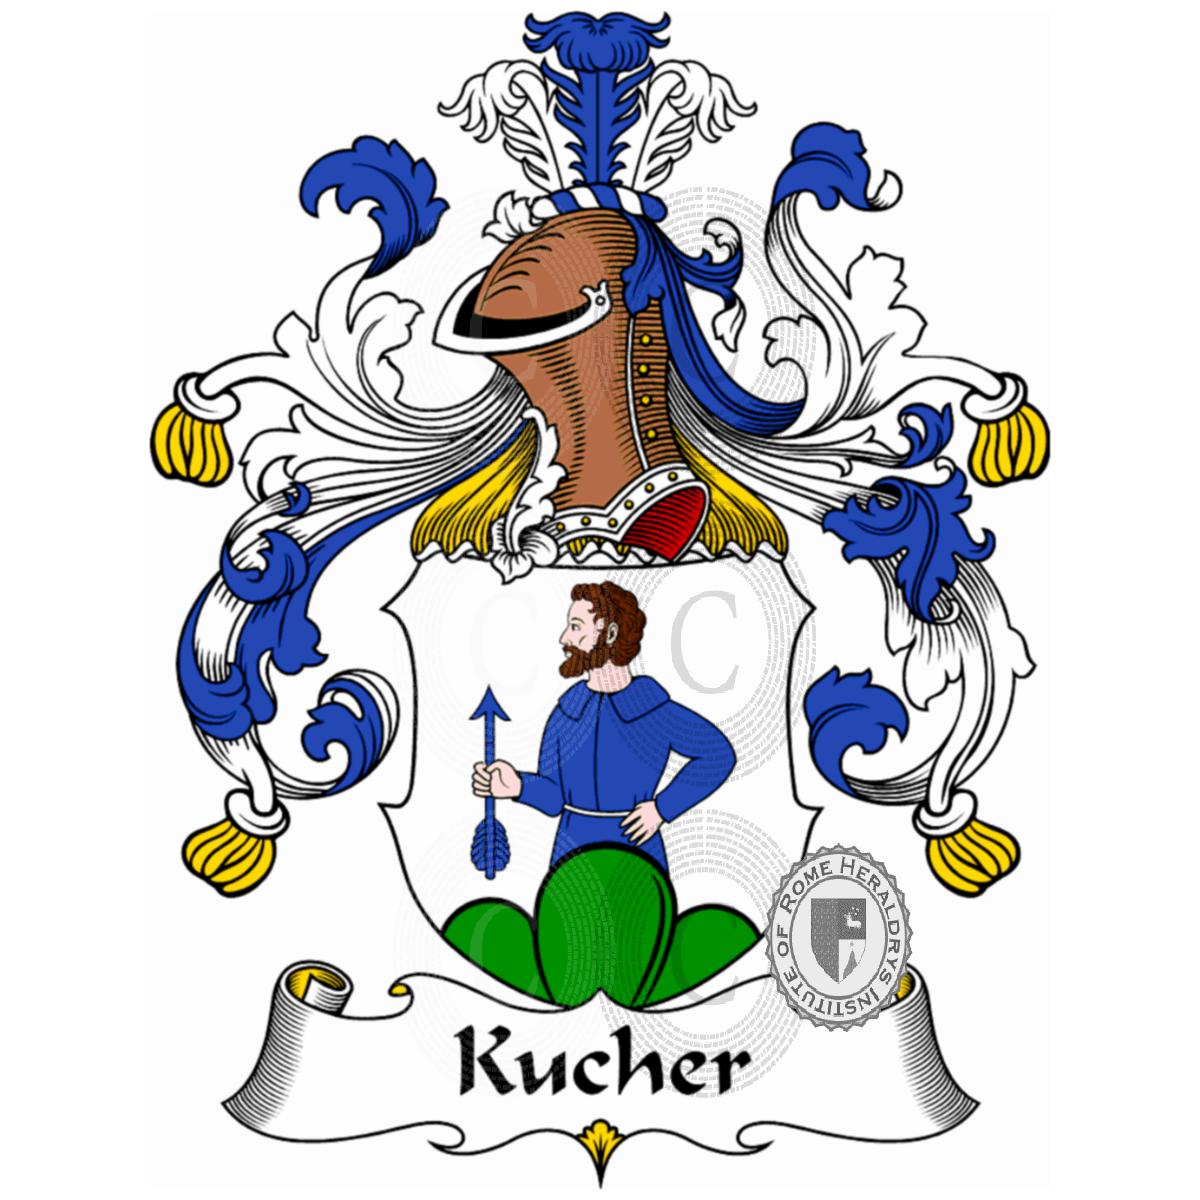 Kucher: Familienname Kucher, Heraldik, Genealogie, Wappen Und